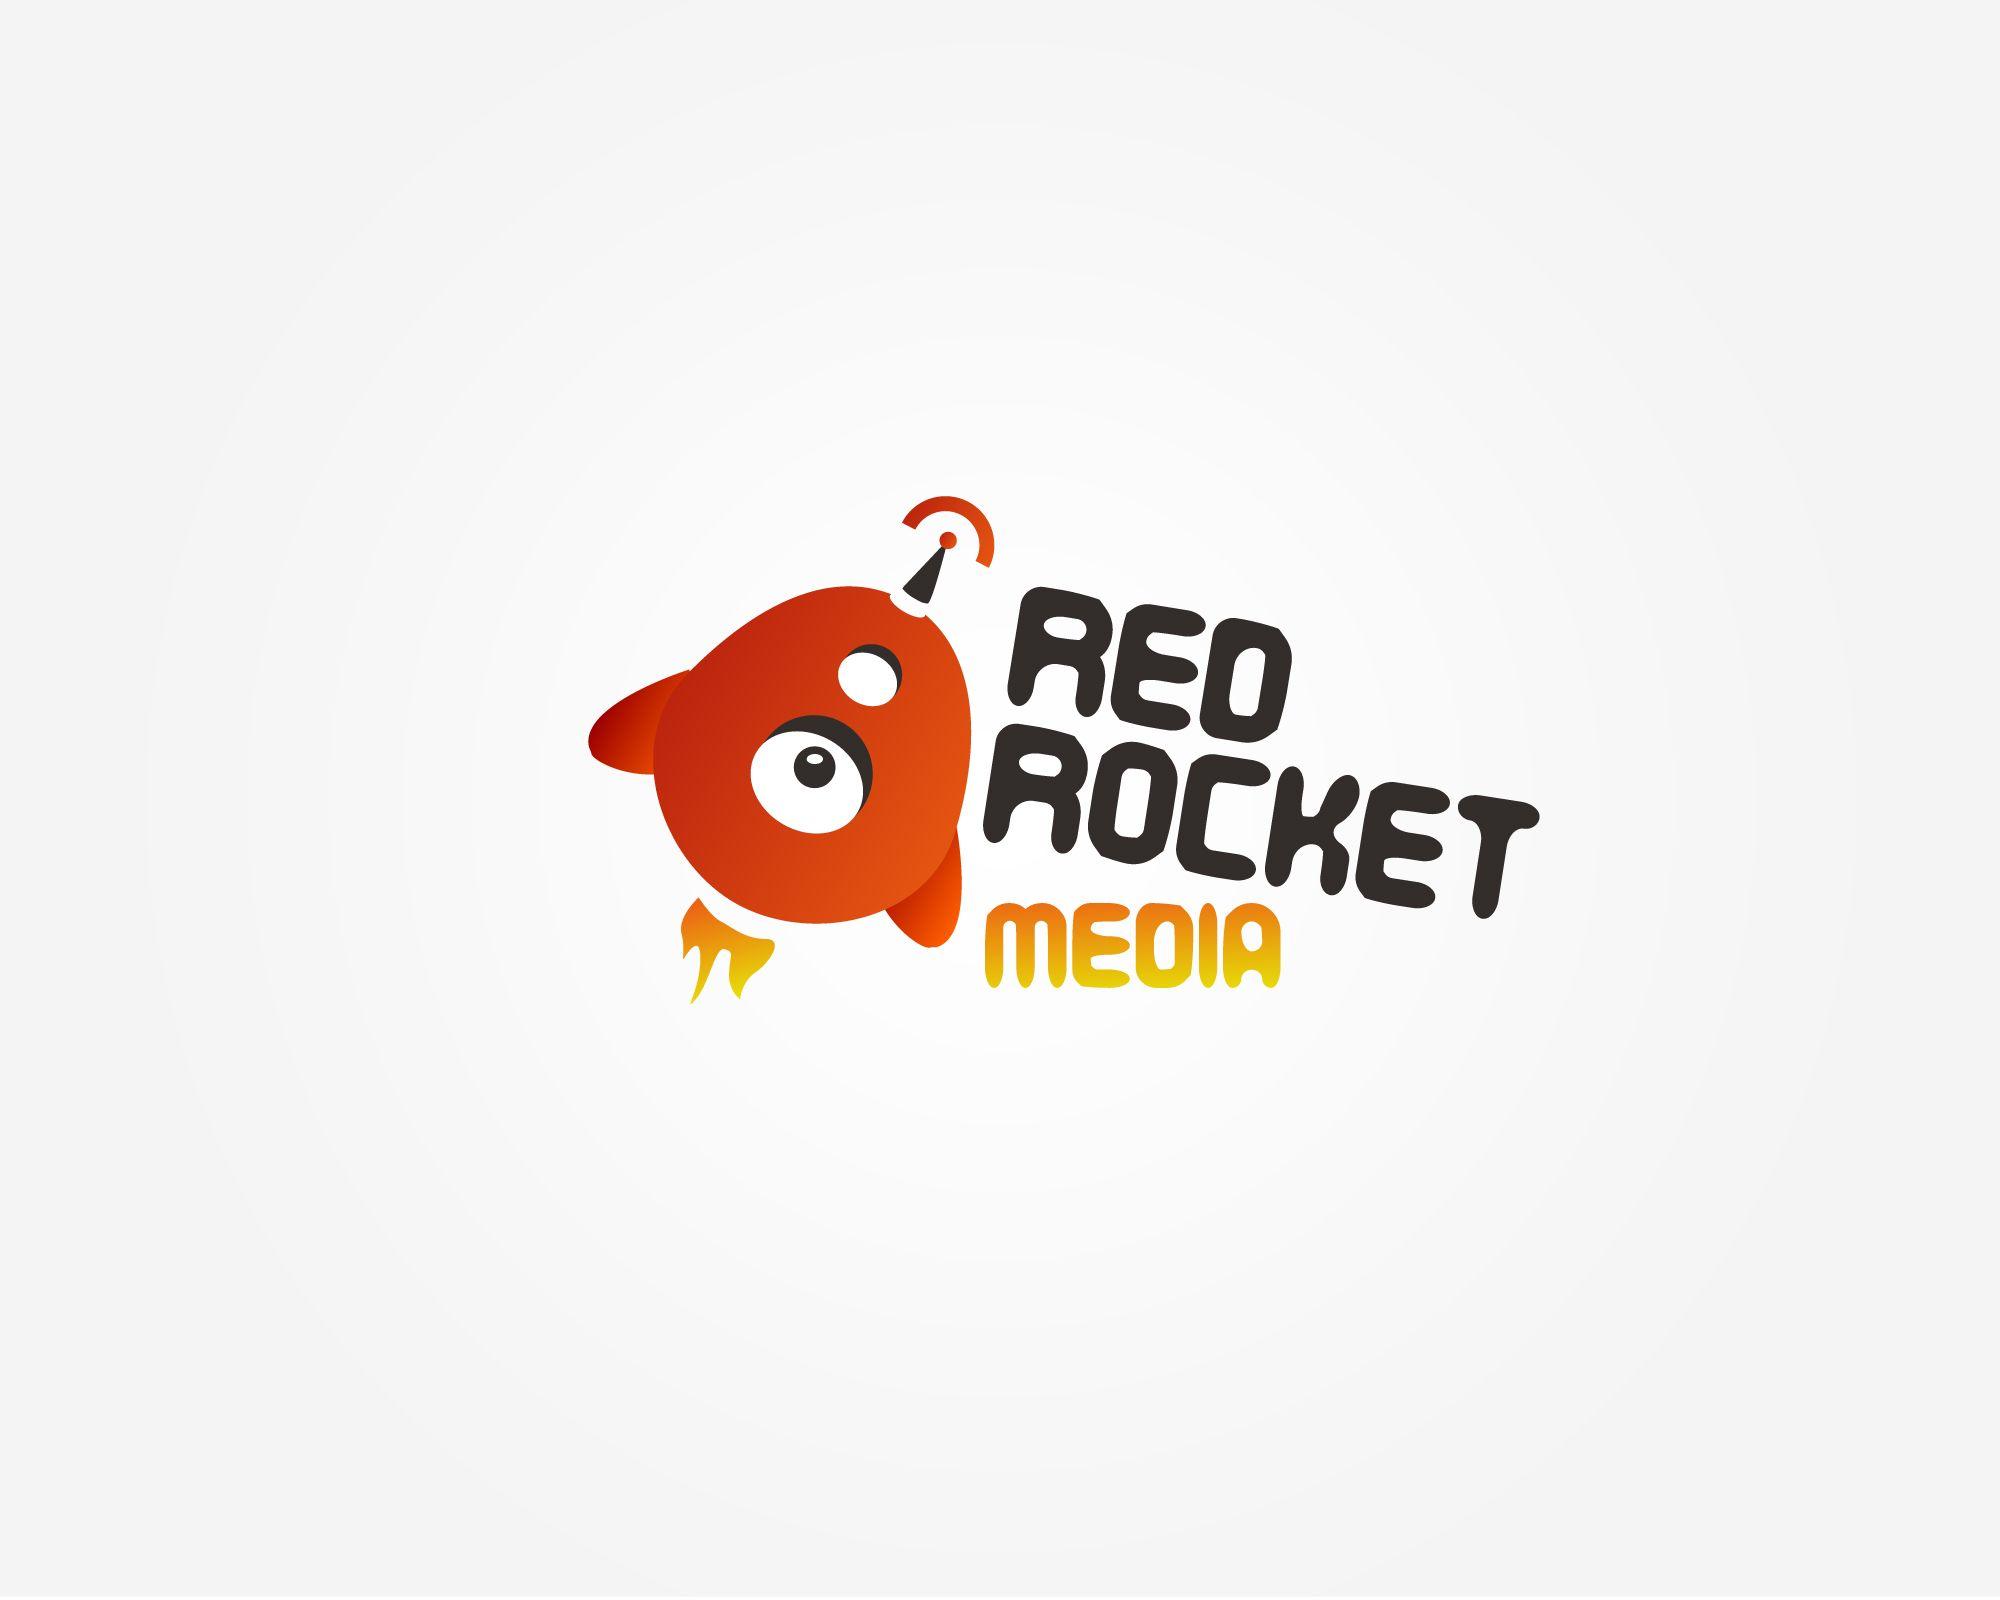 Лого и фирменный стиль для RedRocketMedia - дизайнер galytska